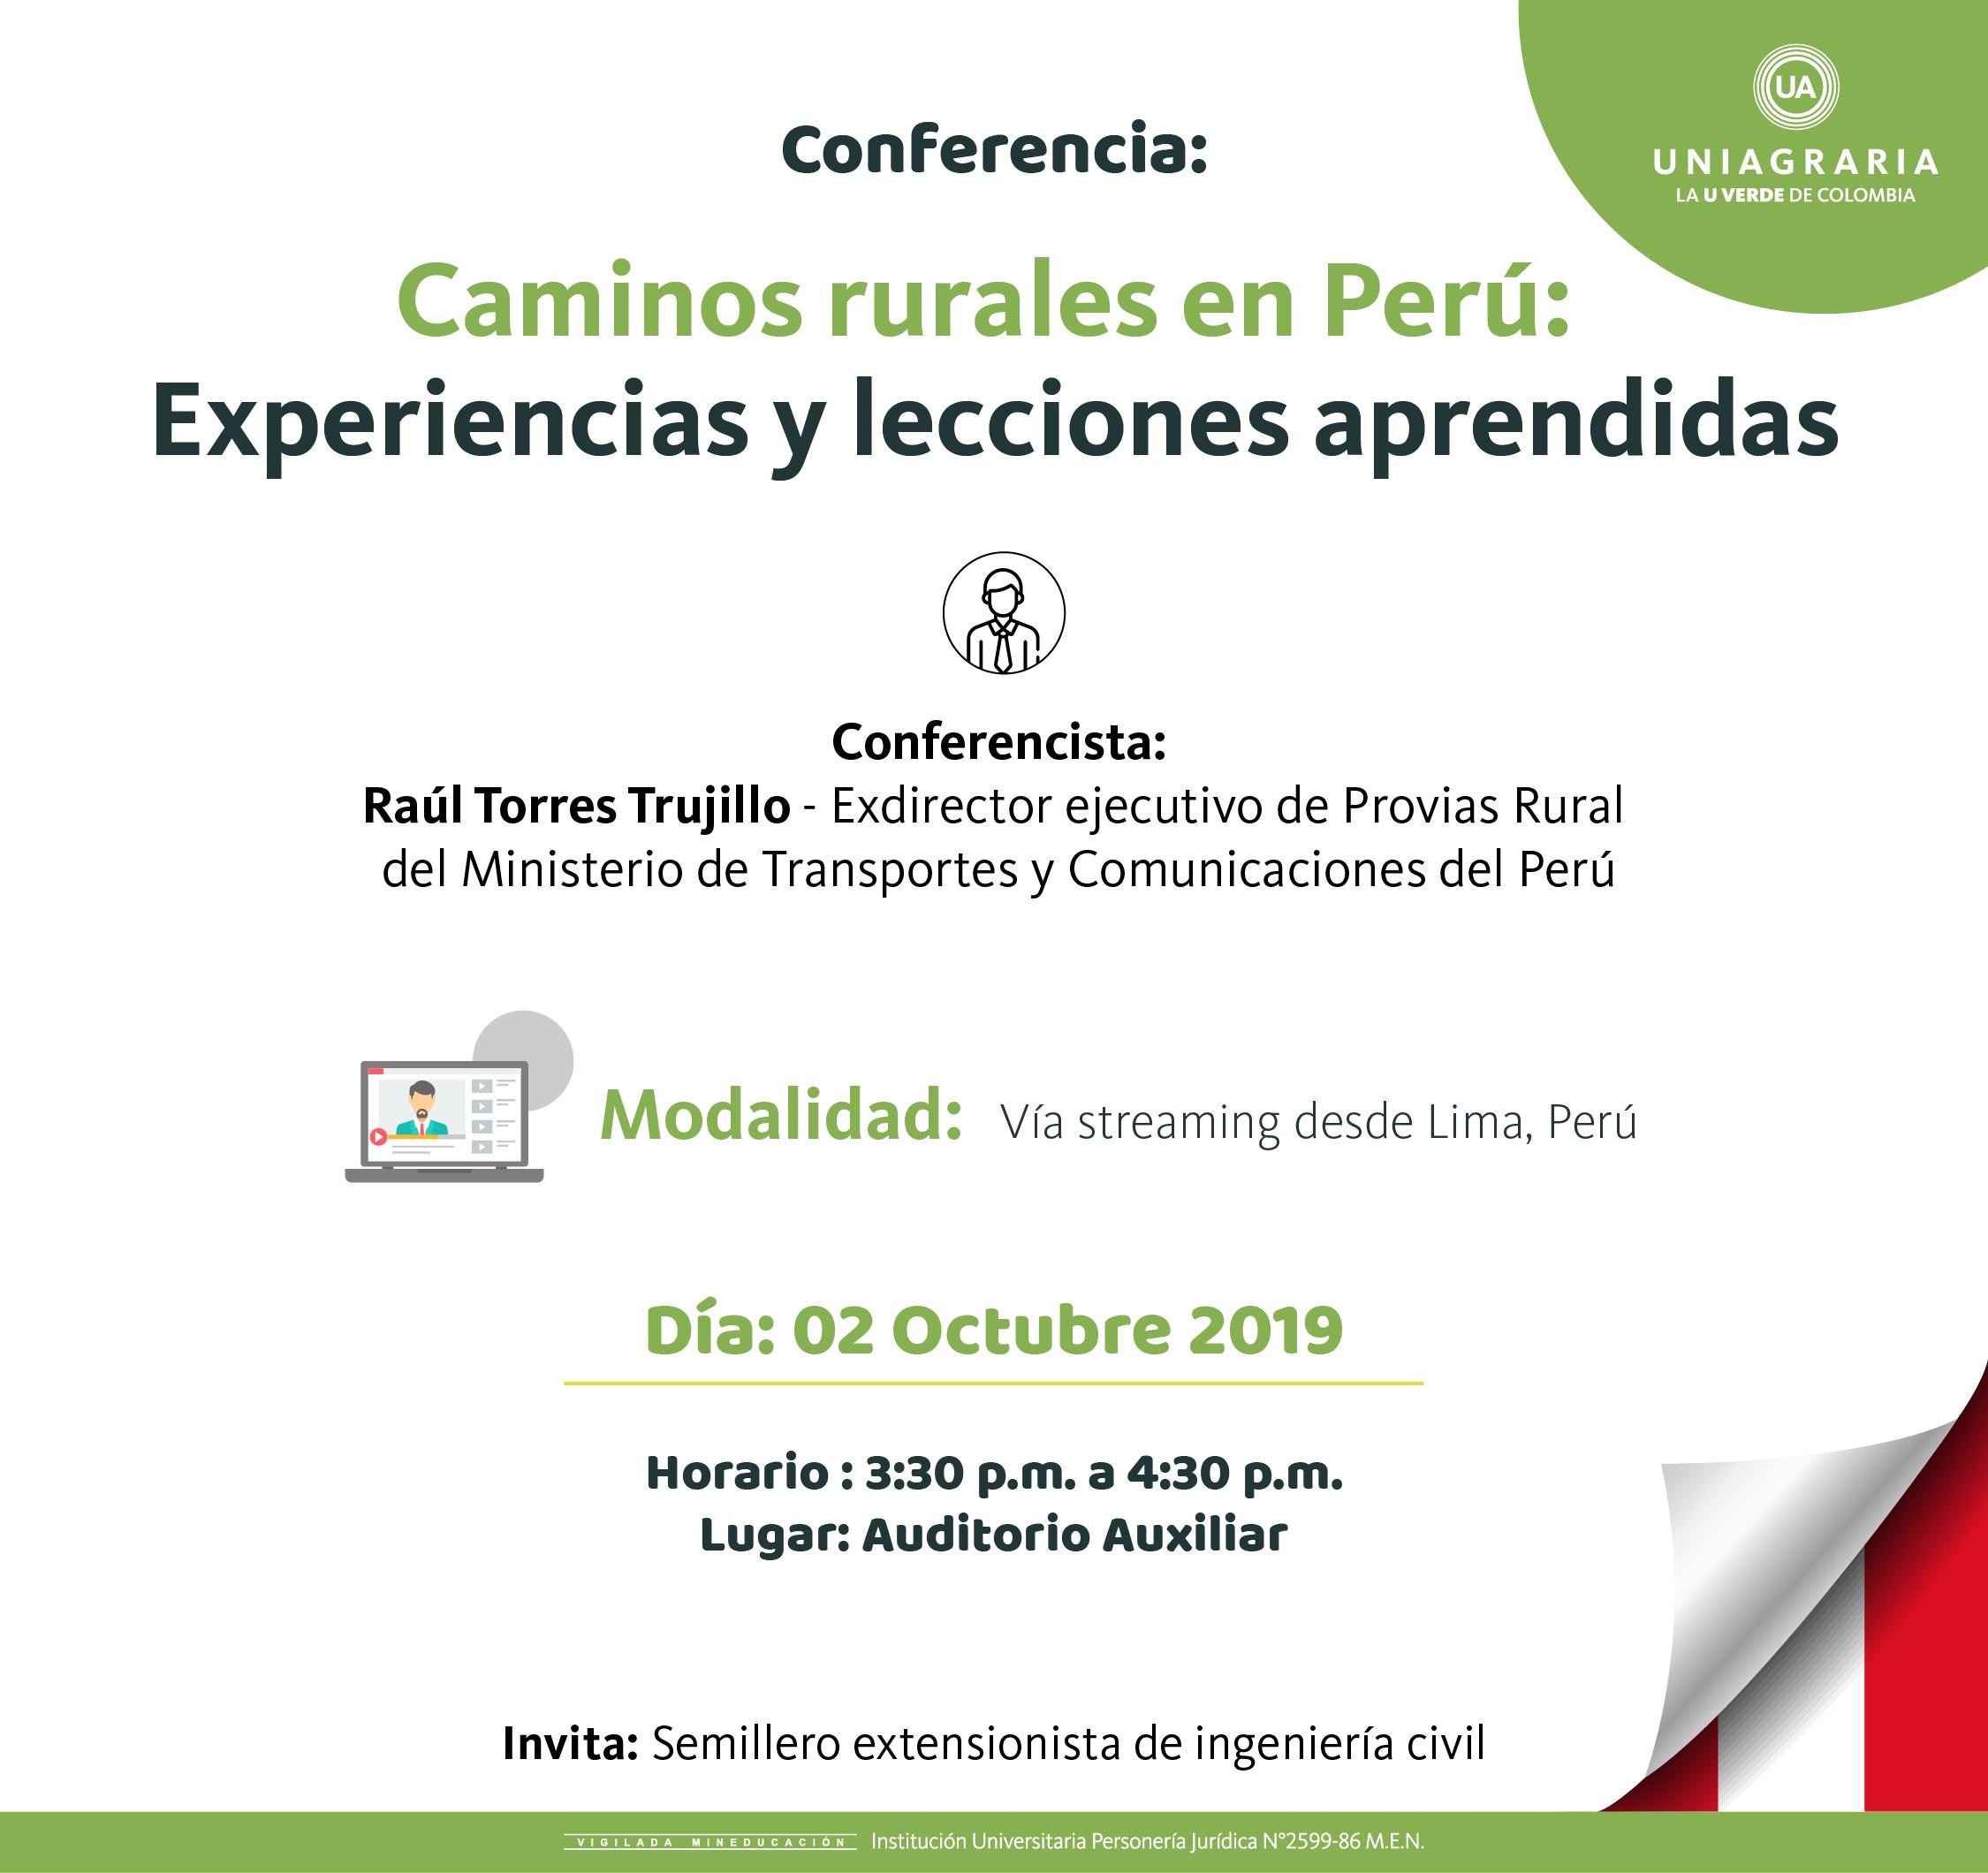 Caminos rurales en Perú: Experiencias y lecciones aprendidas